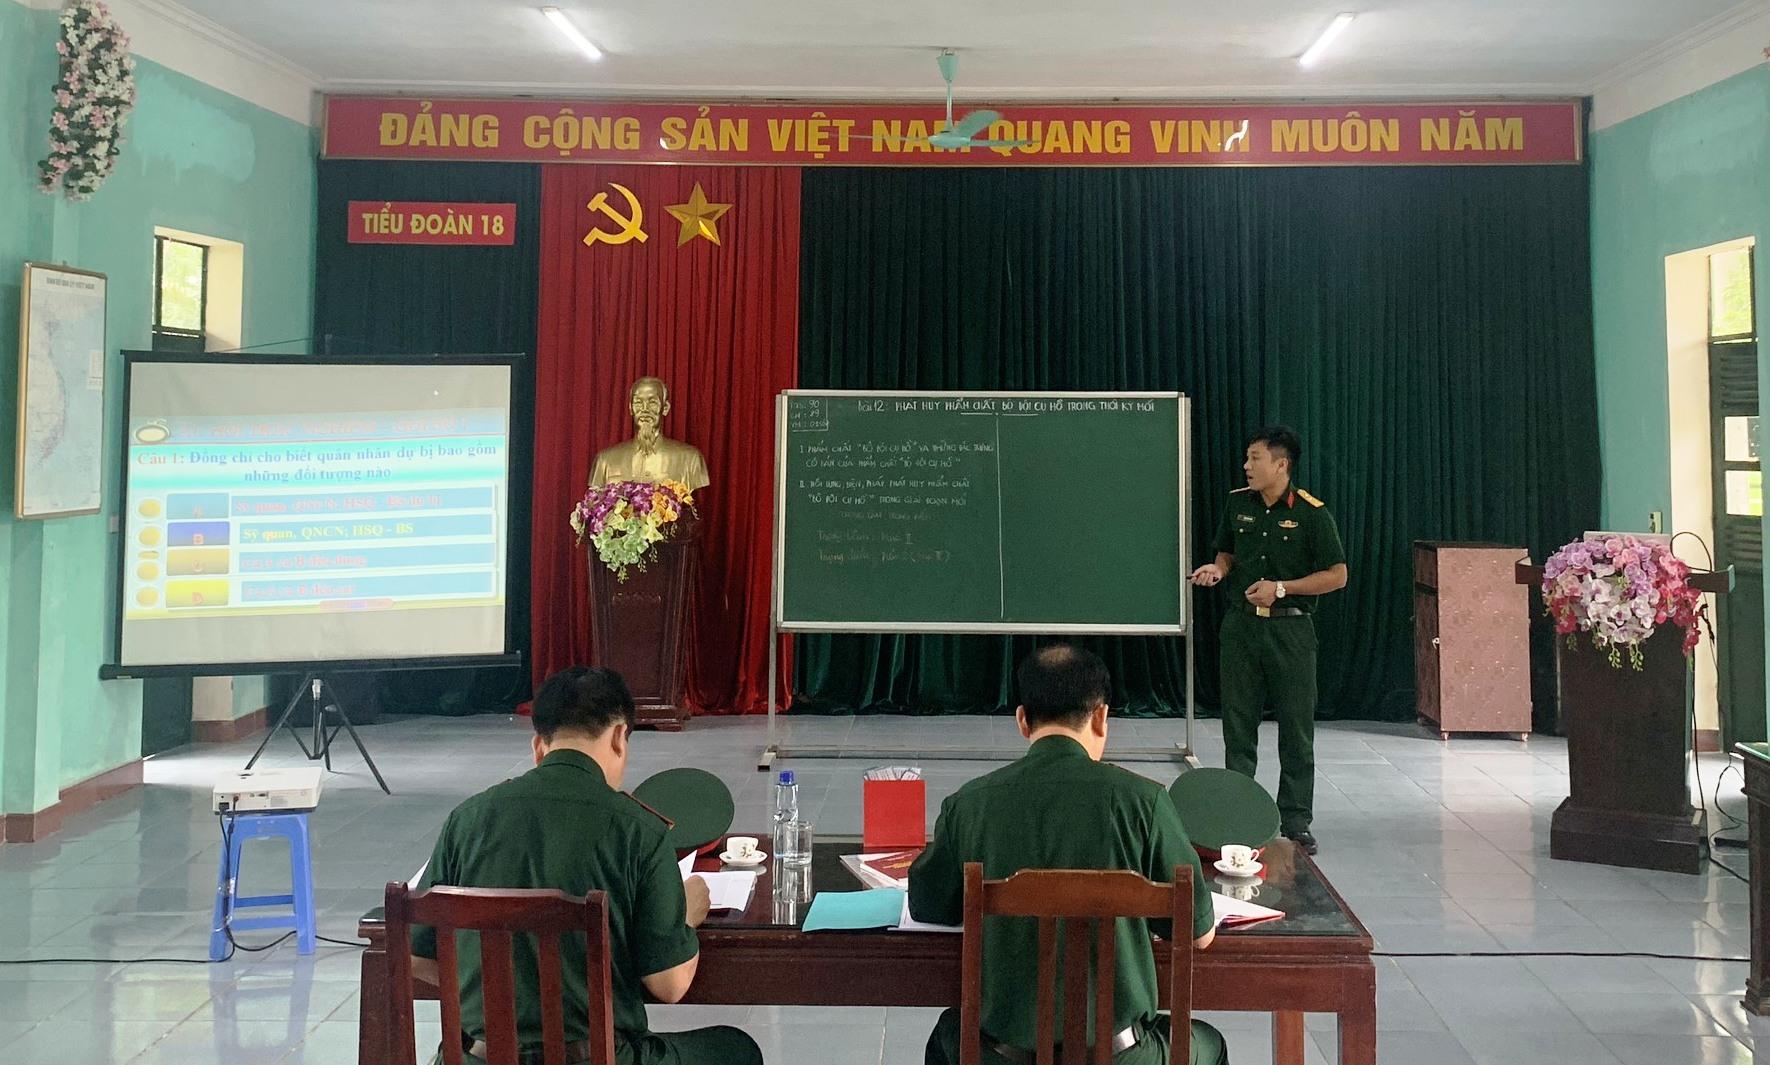 Sư đoàn 312 tổ chức Hội thi cán bộ giảng dạy chính trị và báo cáo viên giỏi